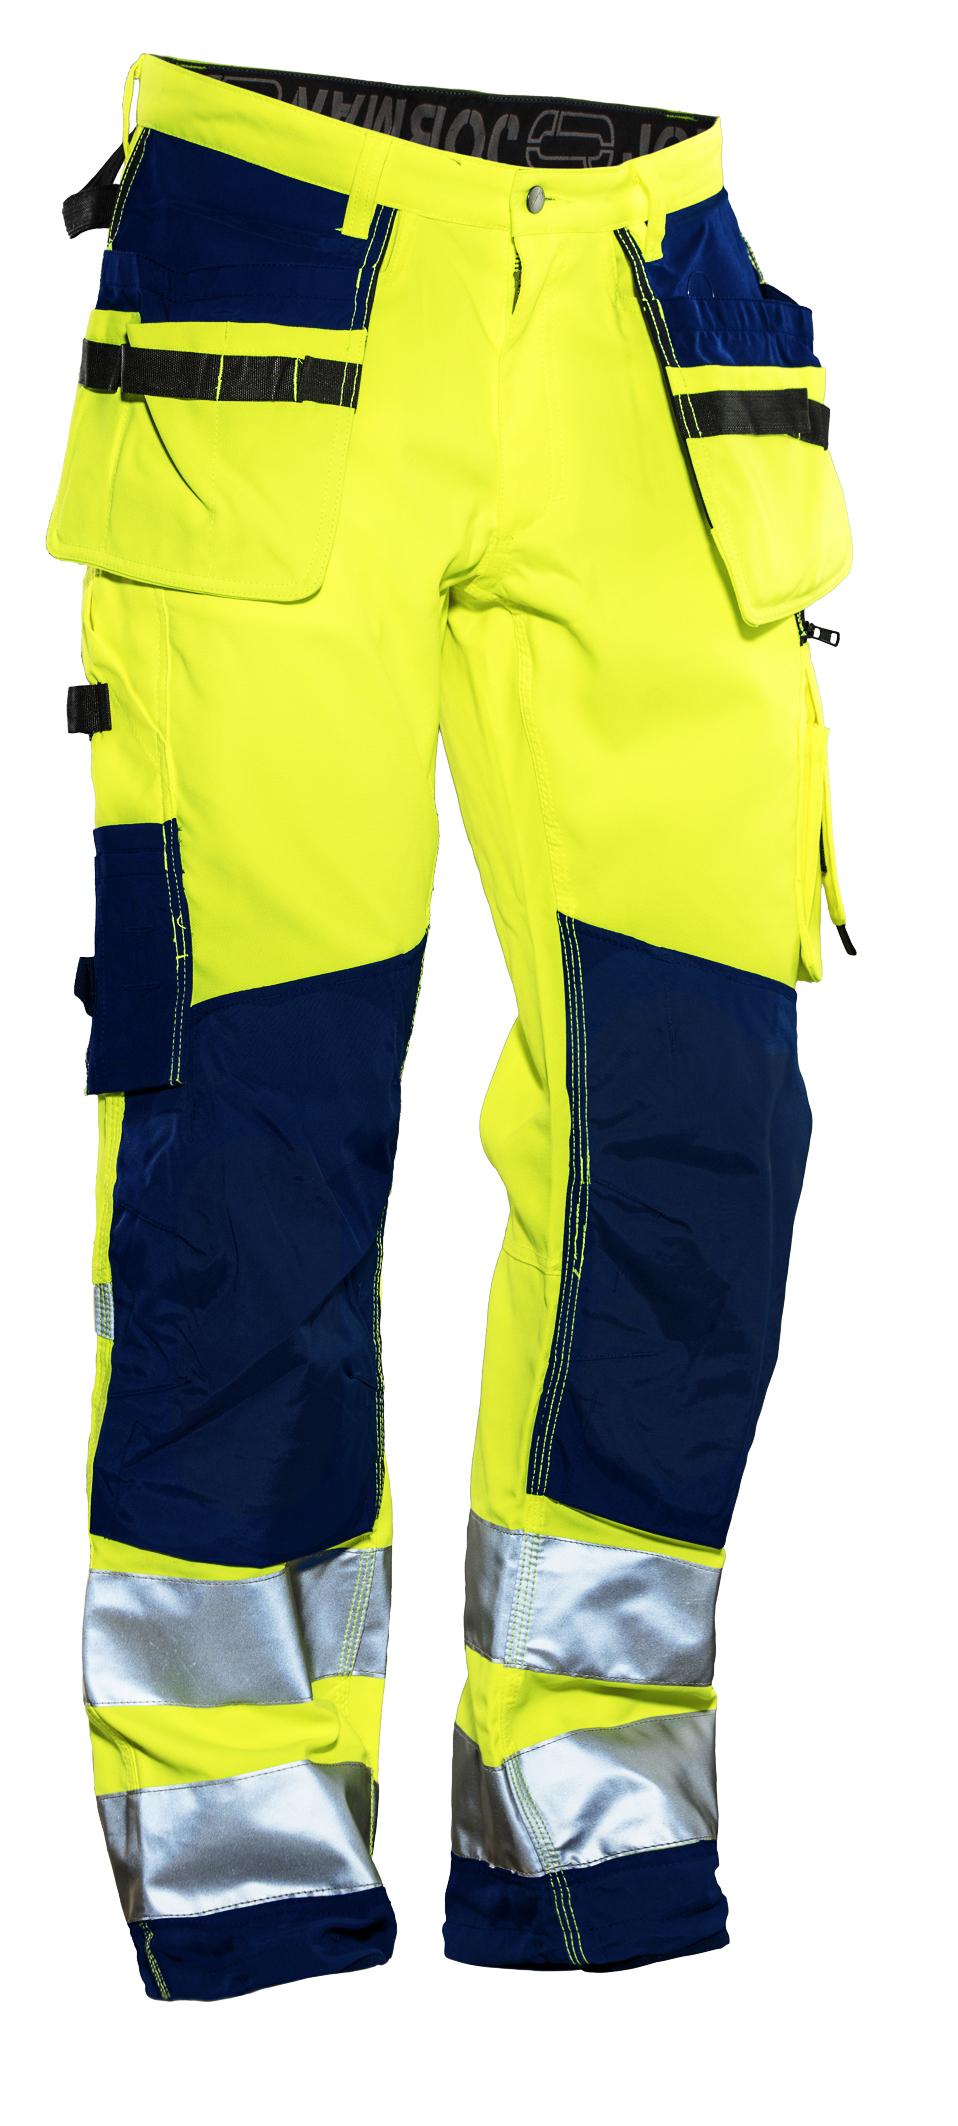 2222 Pantalon d'artisan Star HI-VIS C146 jaune/bleu marine